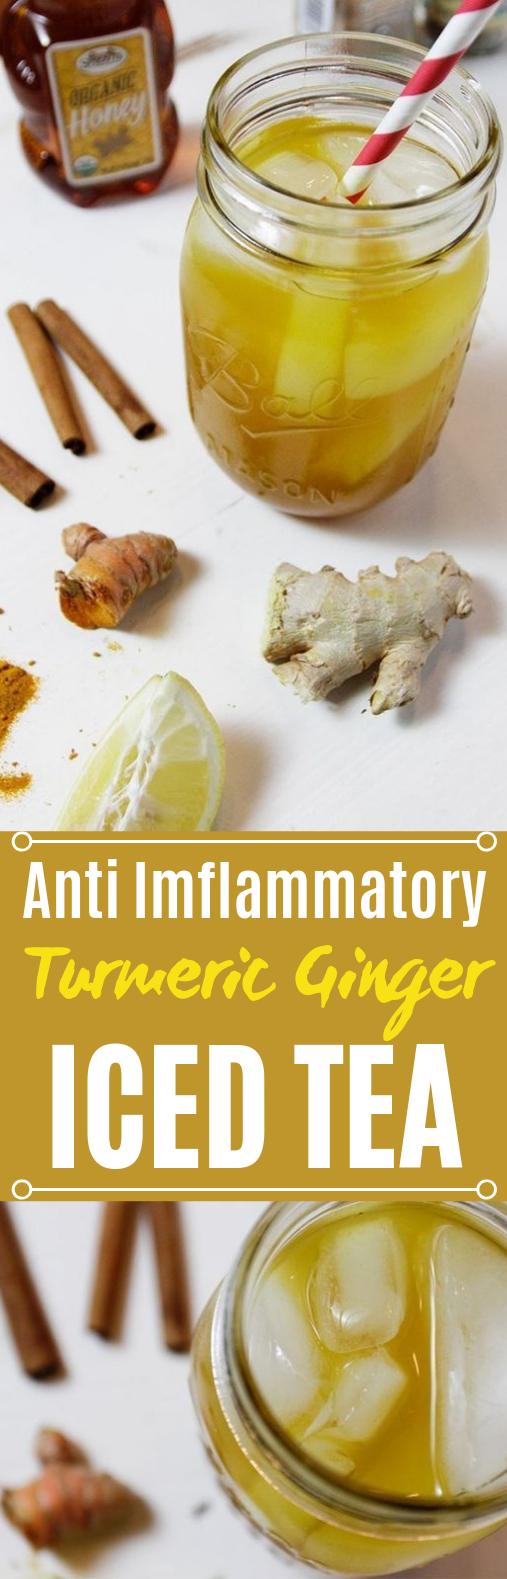 Turmeric Ginger Iced Tea #healthy #drinks